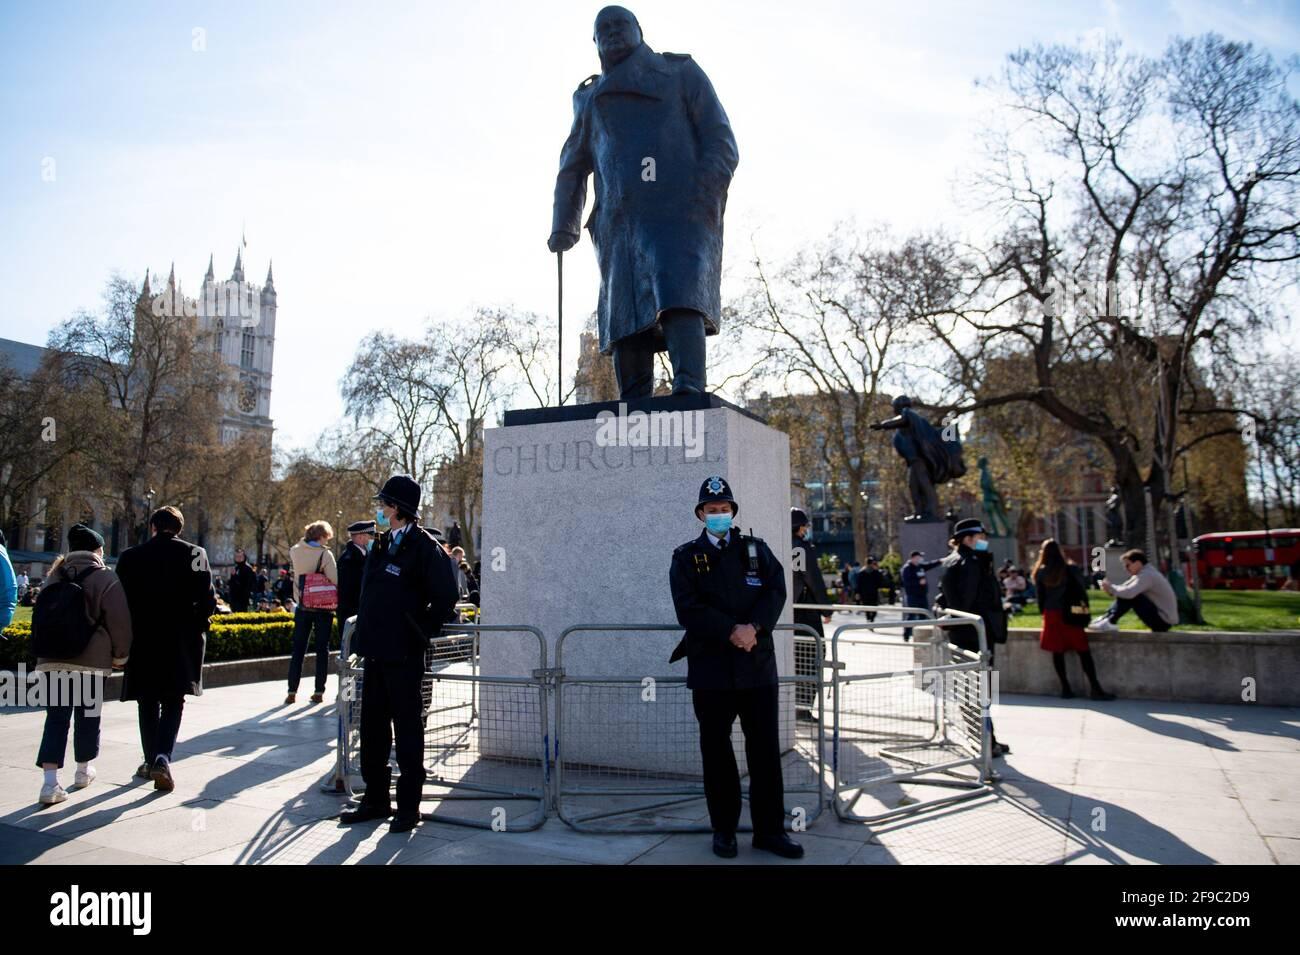 Los oficiales de policía se encuentran junto a una estatua de Winston Churchill durante una protesta de 'Matar el proyecto de ley' contra el proyecto de ley de la policía, el delito, las sentencias y los tribunales en la Plaza del Parlamento, Londres. Fecha de la foto: Sábado 17 de abril de 2021. Foto de stock